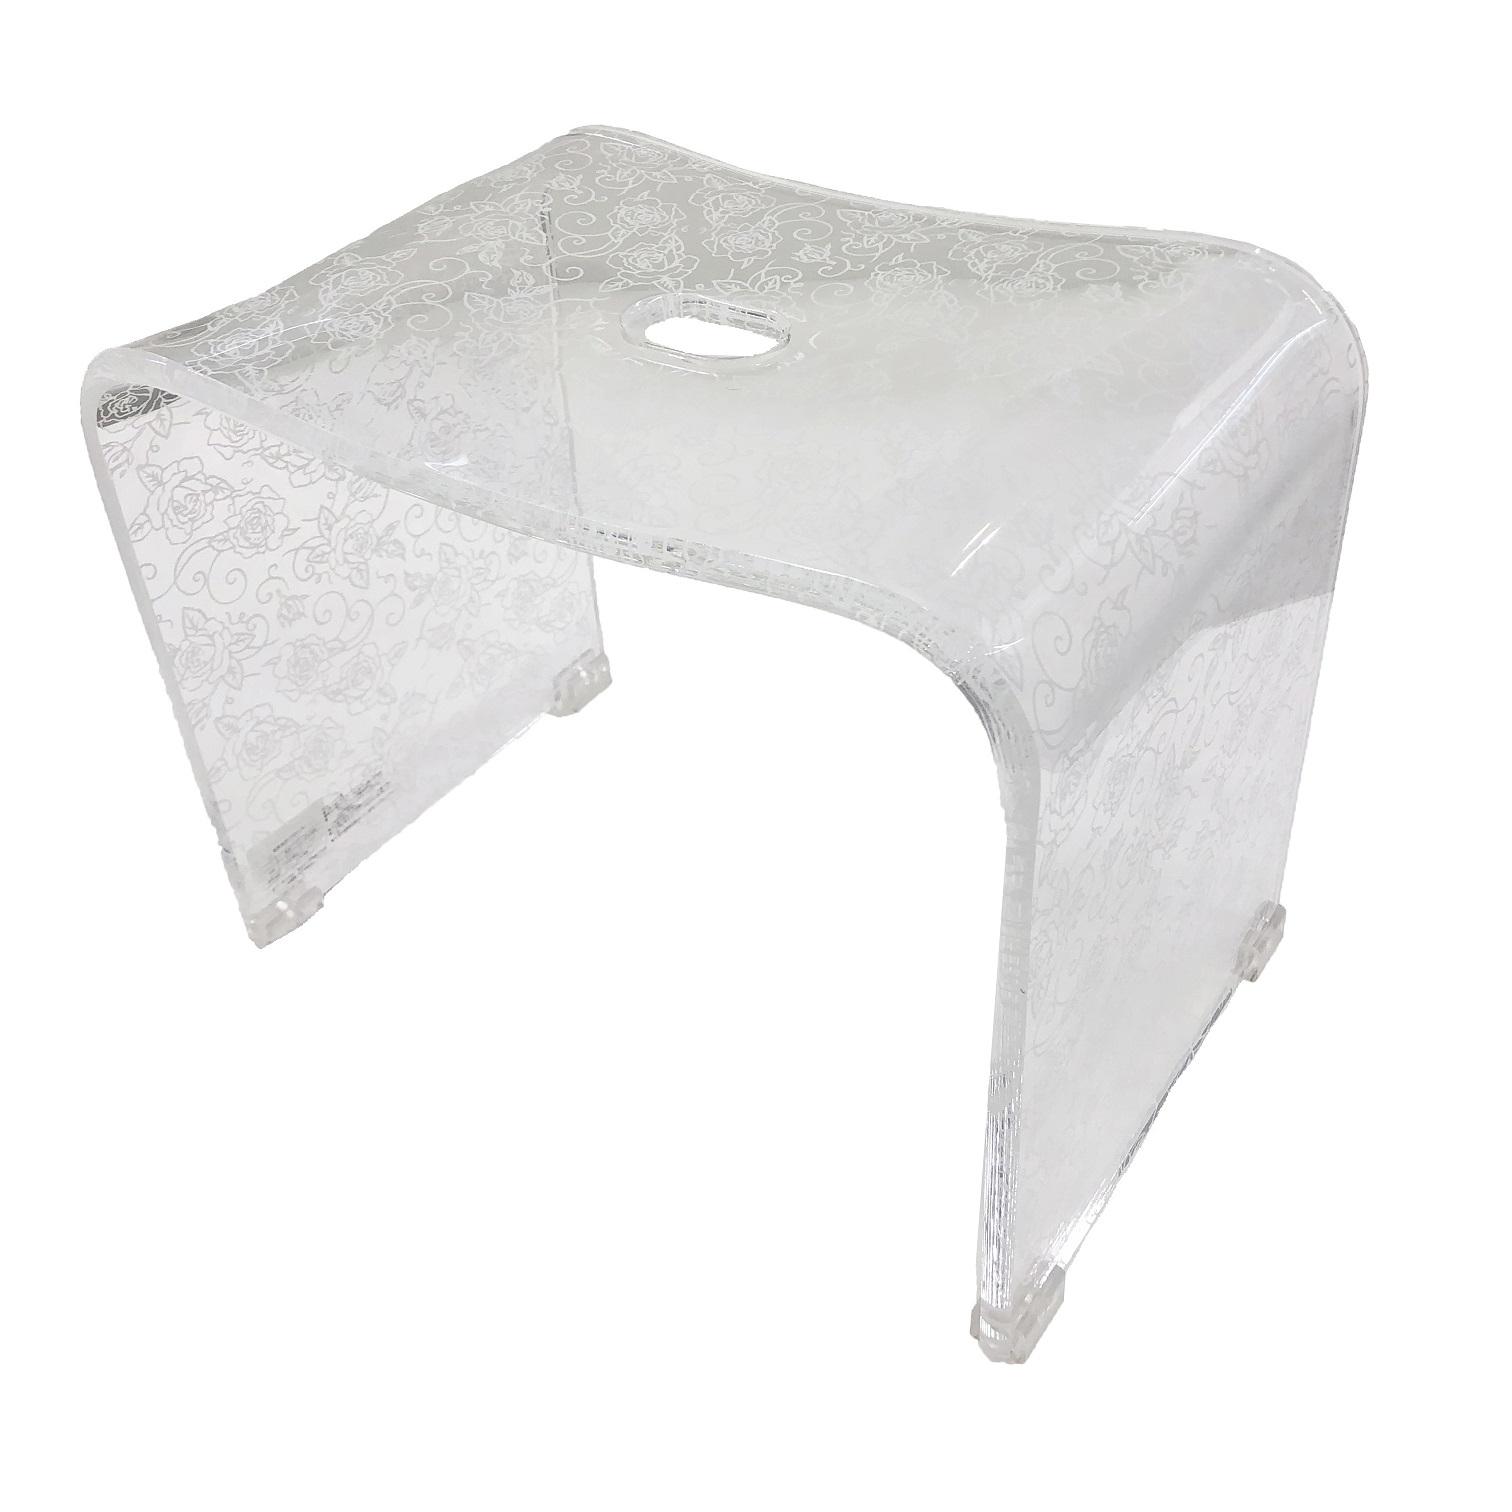 クリアローズN バスチェア Lサイズ(高さ:約30cm) ホワイト